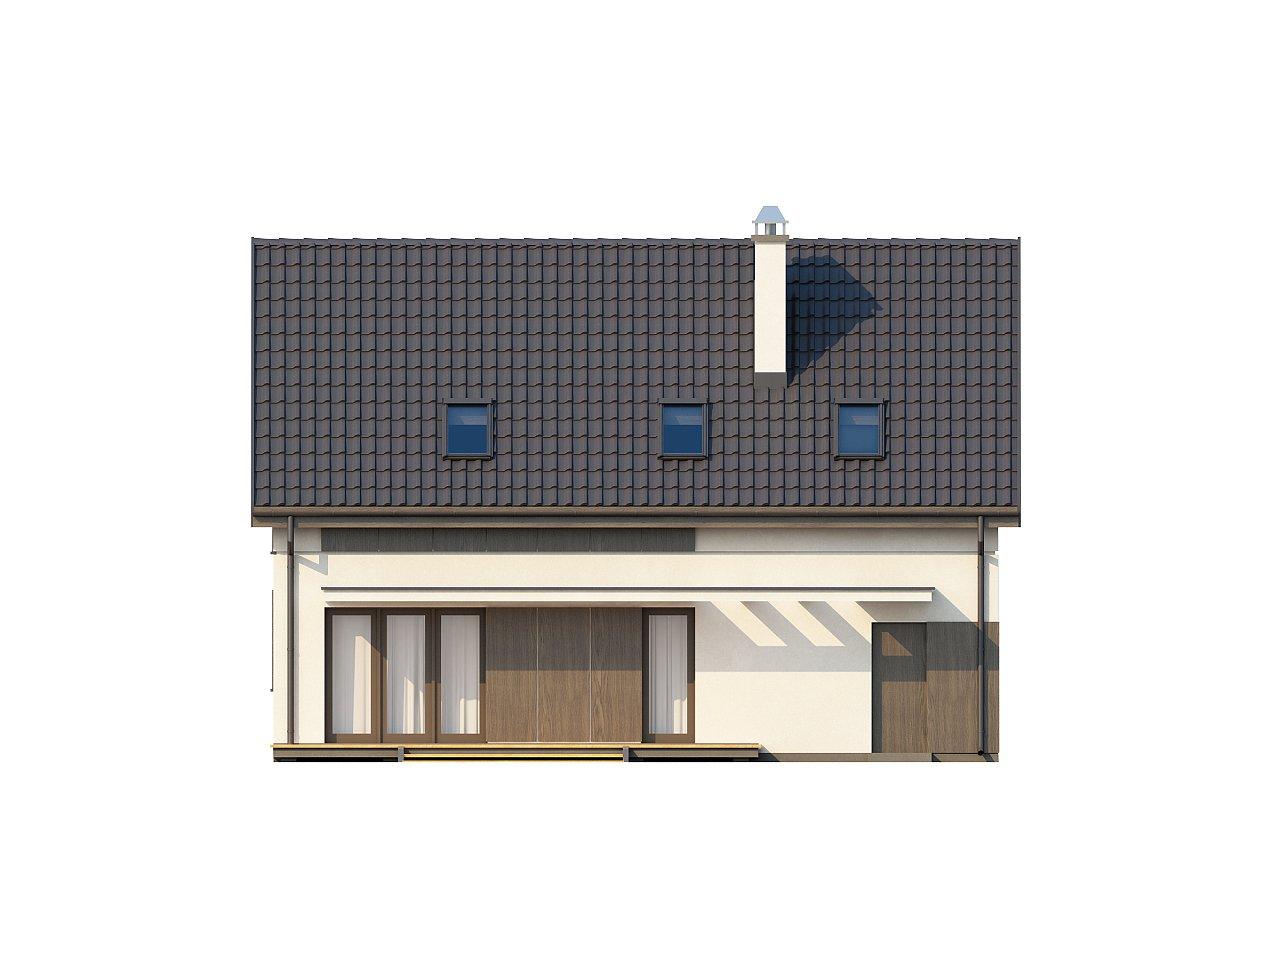 Функциональный традиционный дом с современными элементами в архитектуре, со встроенным гаражом. 14